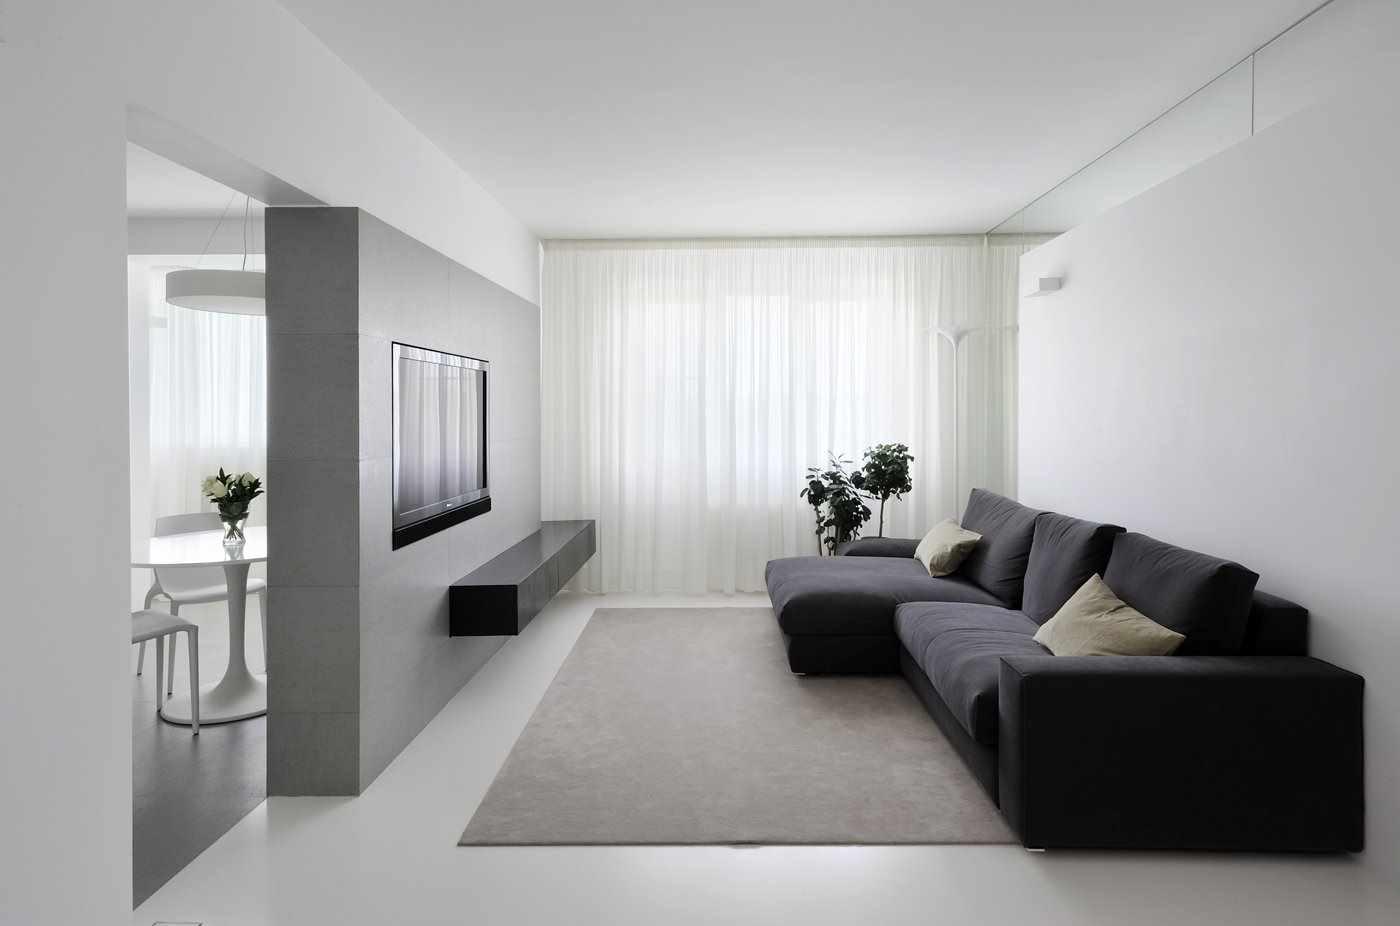 идея использования светлого декора гостиной комнаты в стиле минимализм